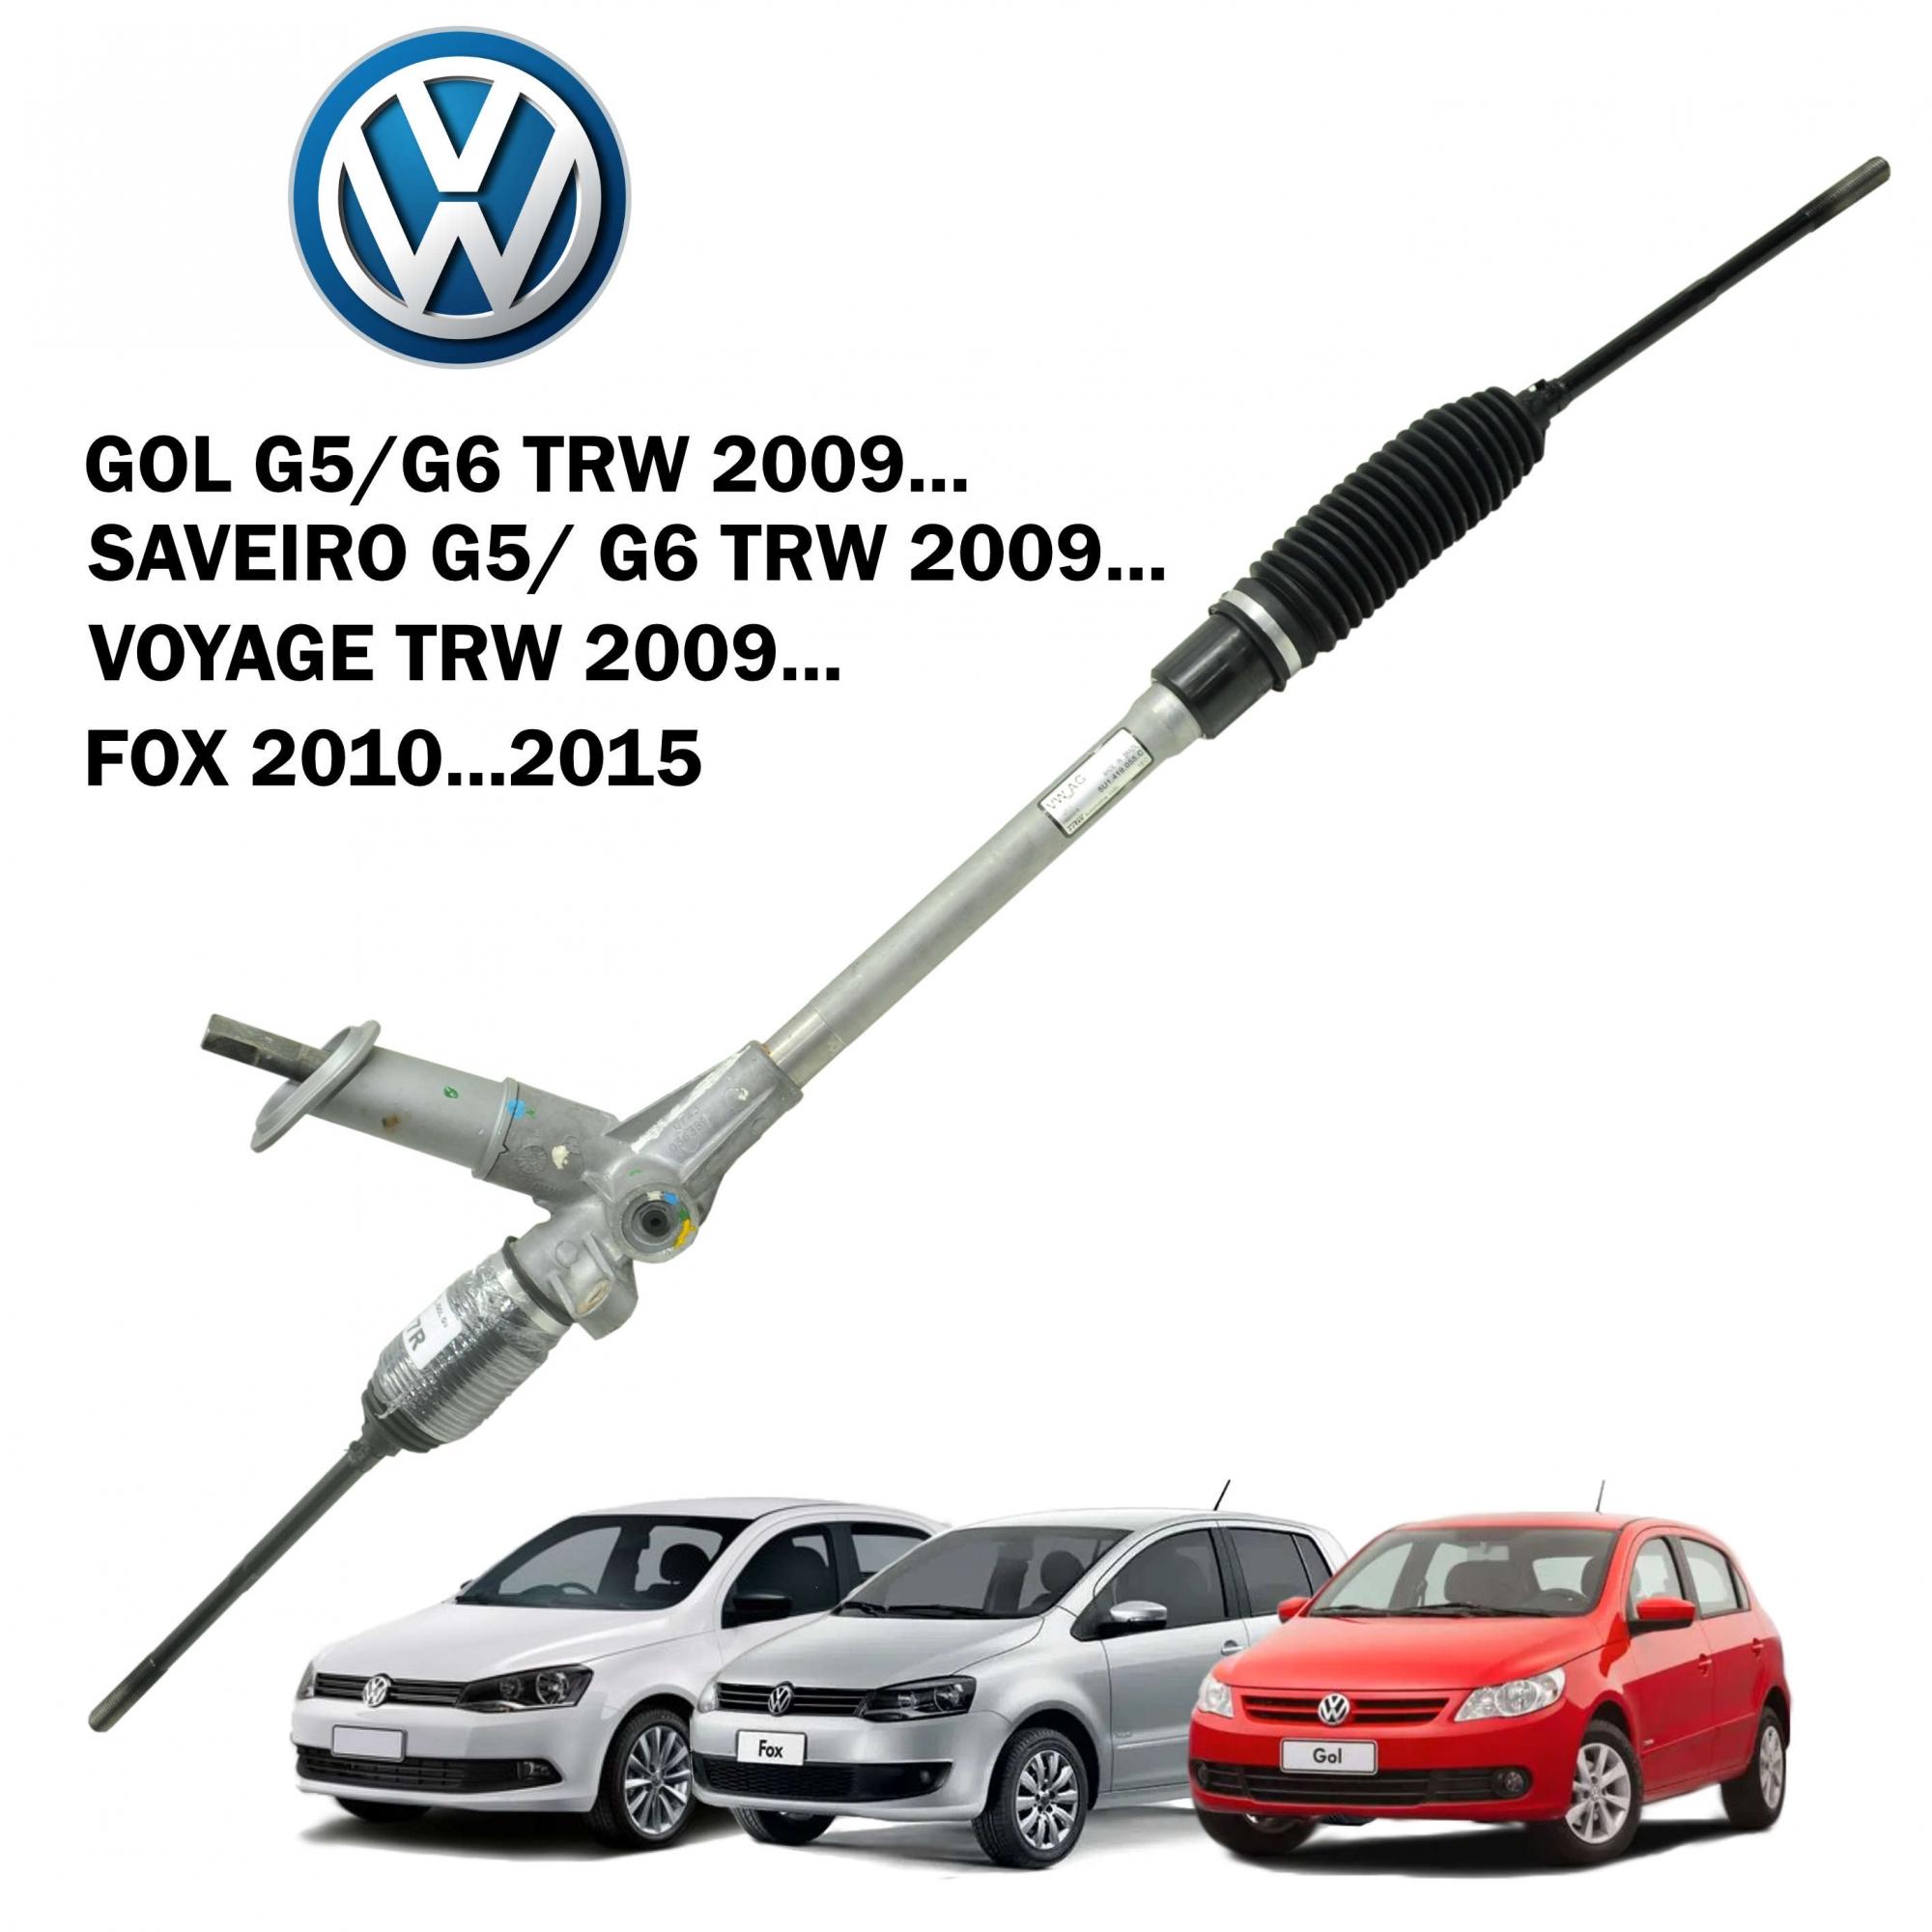 Caixa Direção Mecanica TRW VW Gol G5/G6 09..., Fox 09...,Saveiro G5/G6 2009...